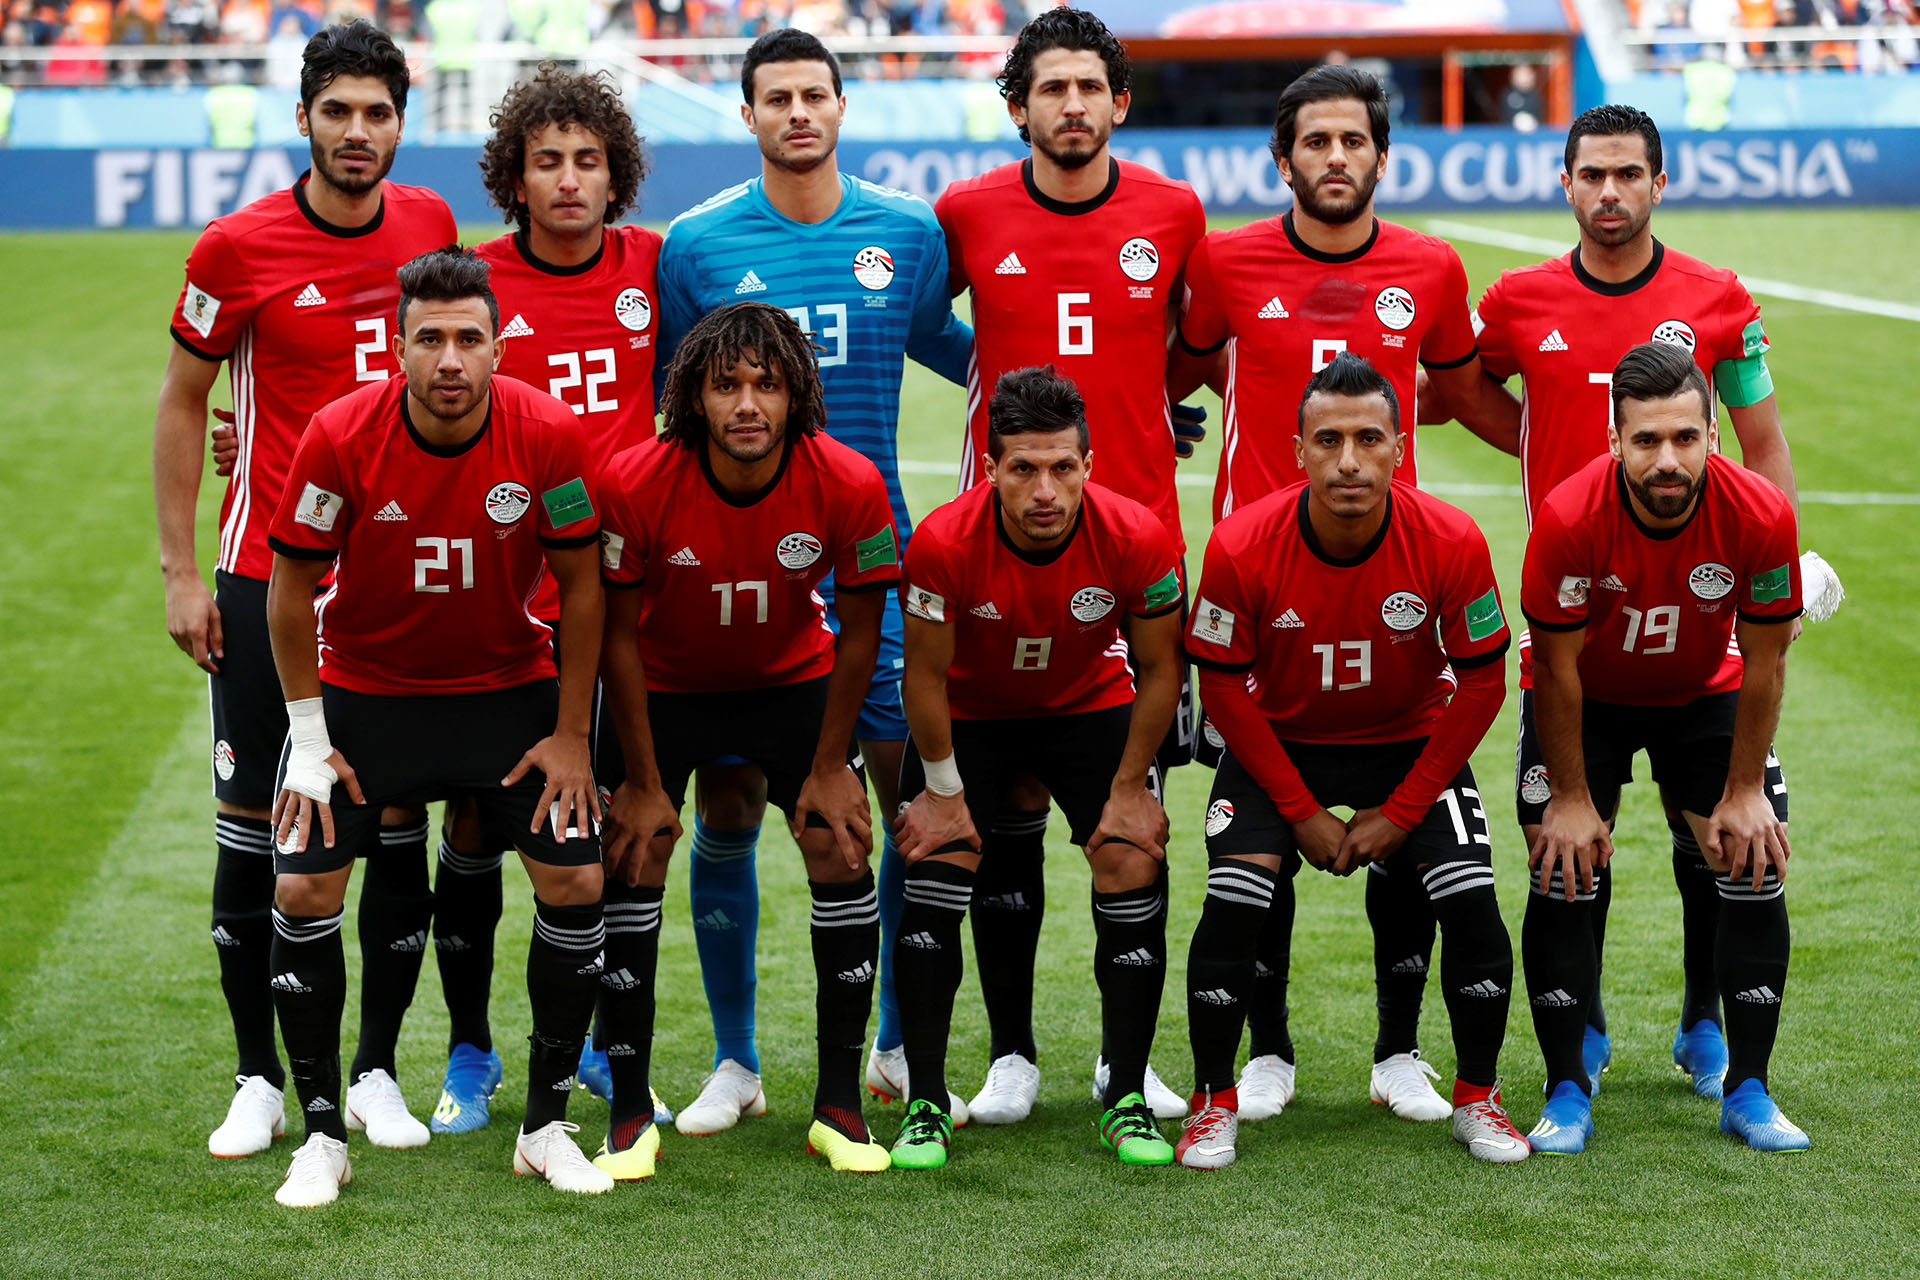 La formación de Egipto en su primer partido